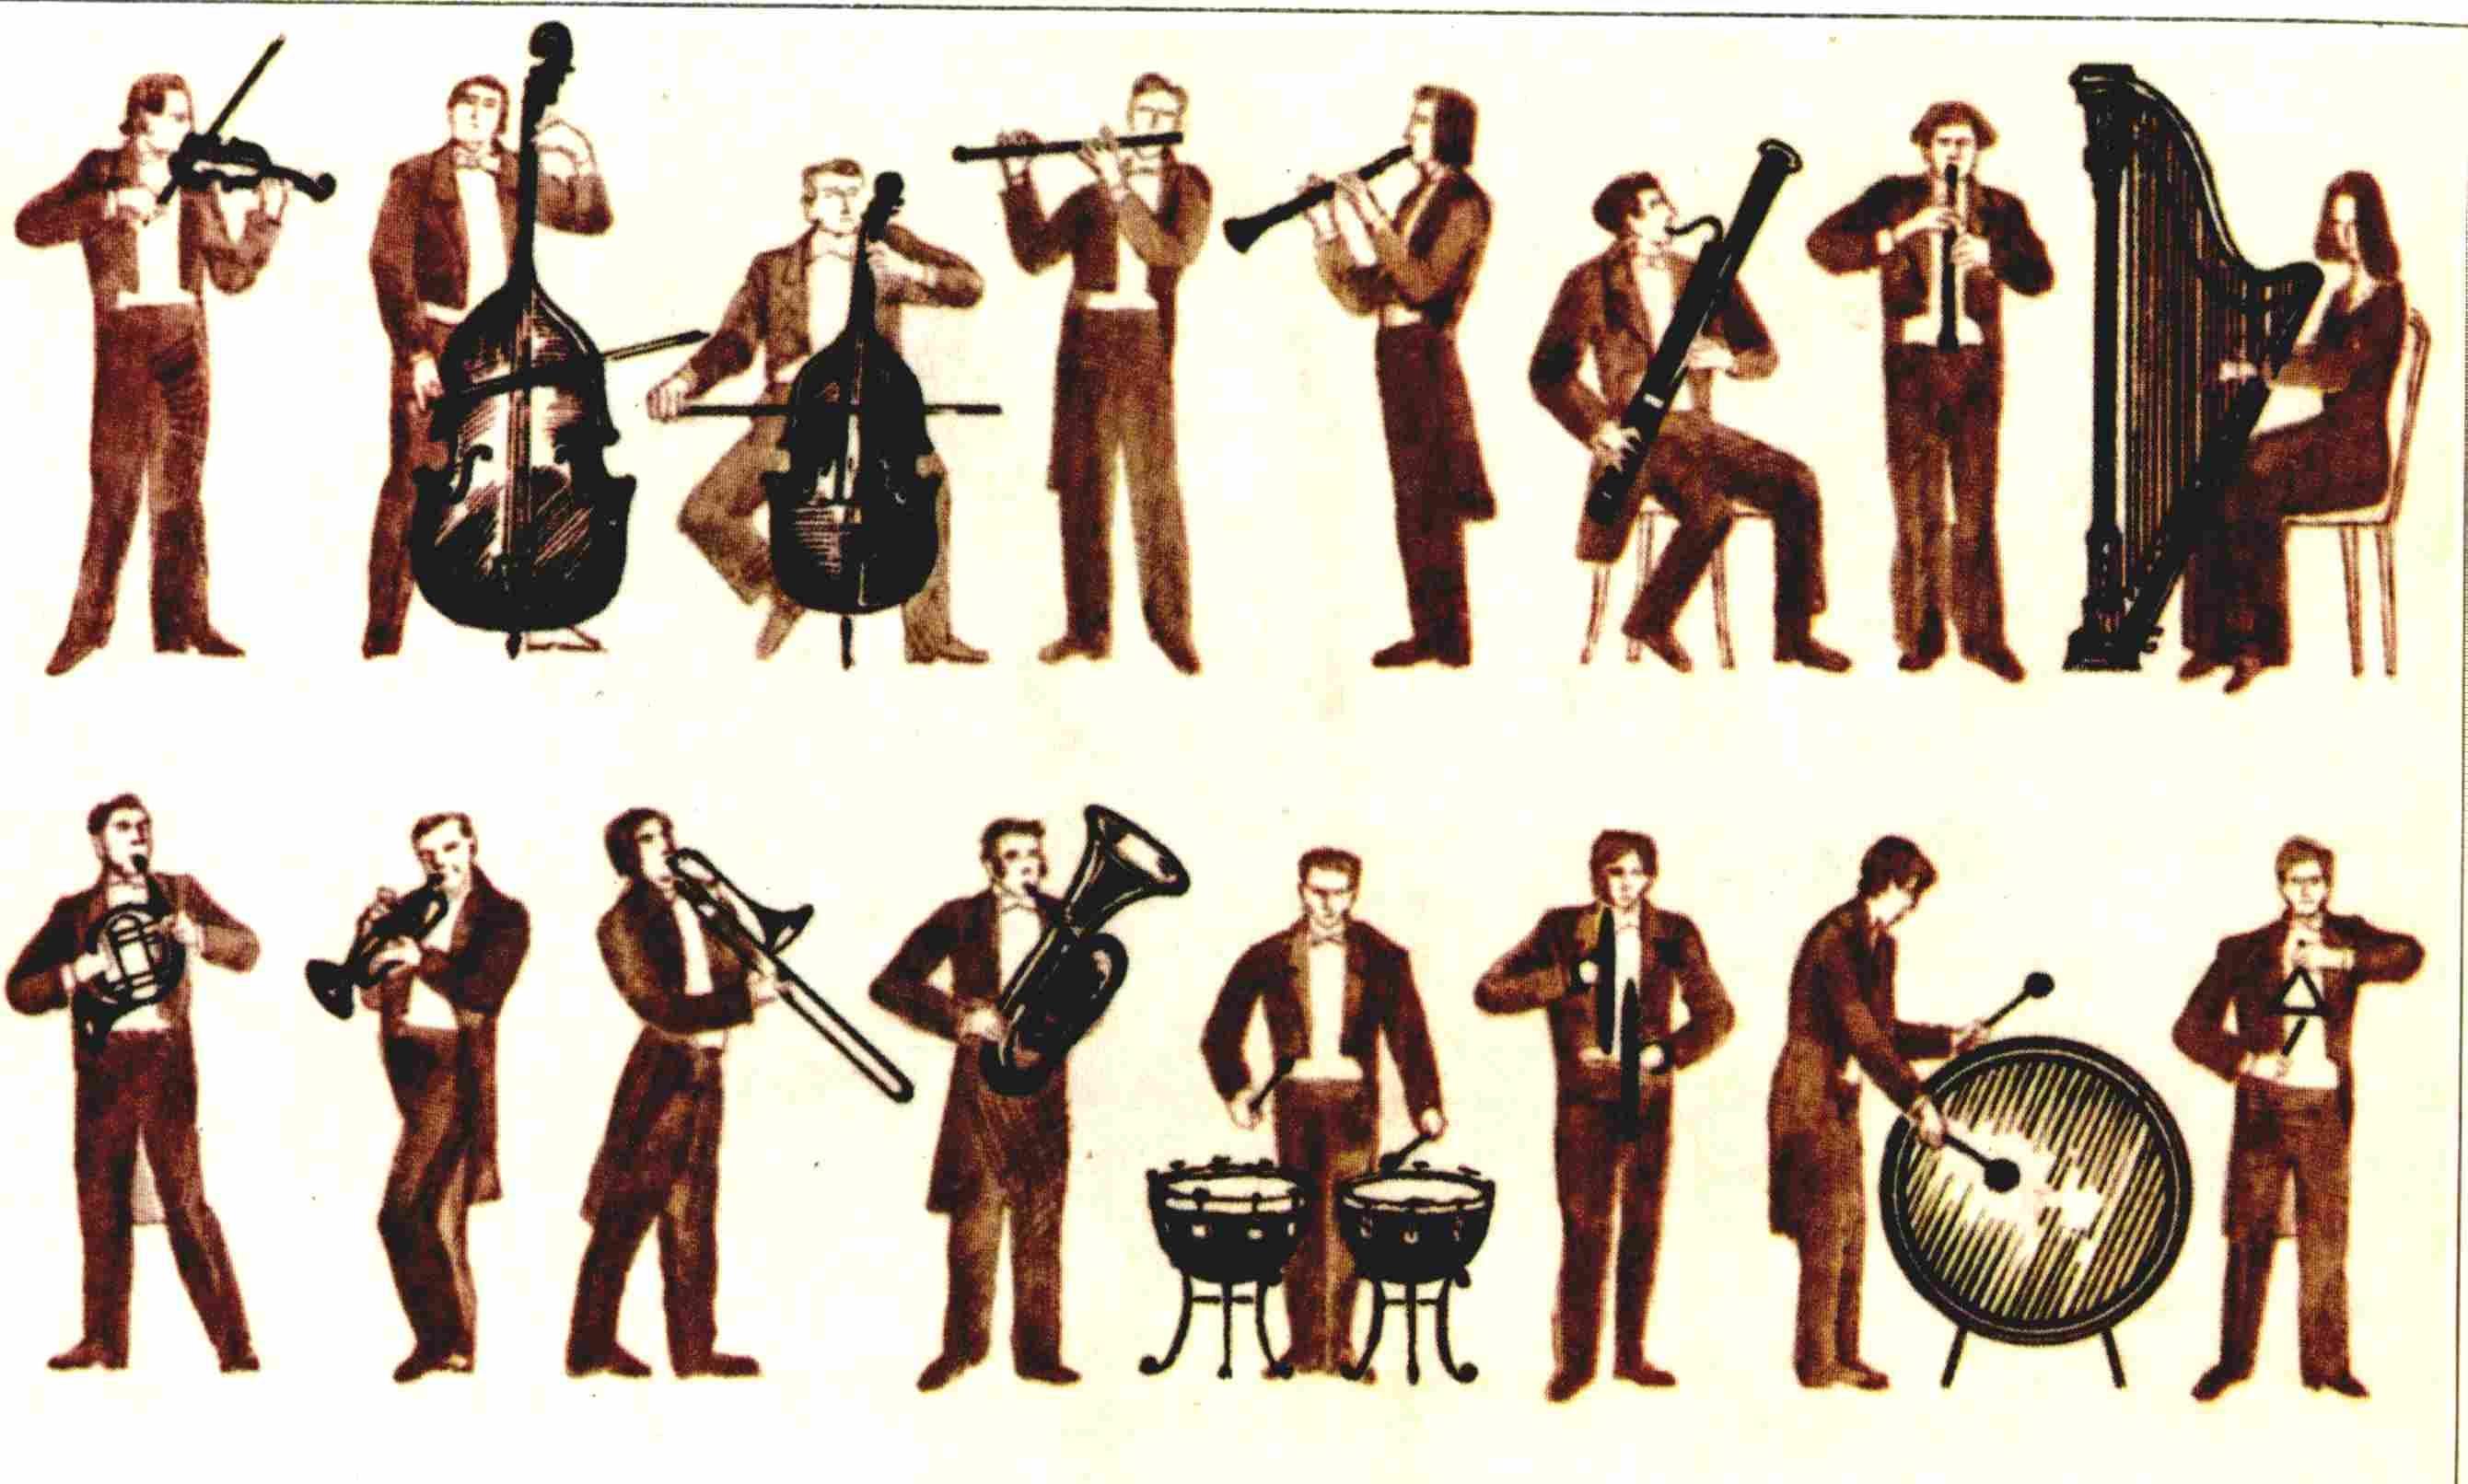 картинки на симфонический оркестр